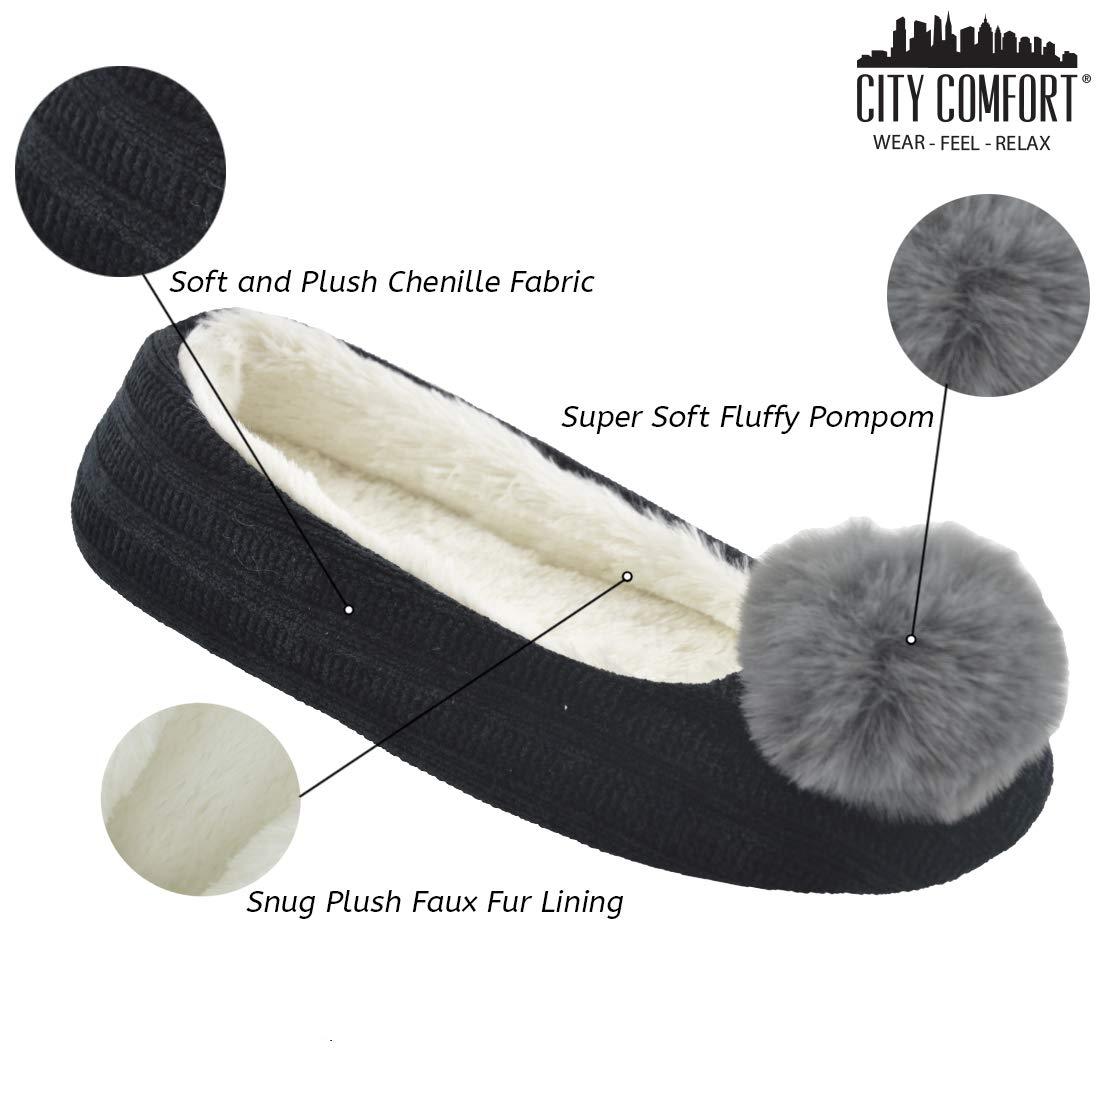 CityComfort Pantoufles en Peluche Charentaises Femme Pantoufle Hiver Charentaise Maison Chaussons Femmes Mules en Chenille Arc-en-Ciel Rose Noir